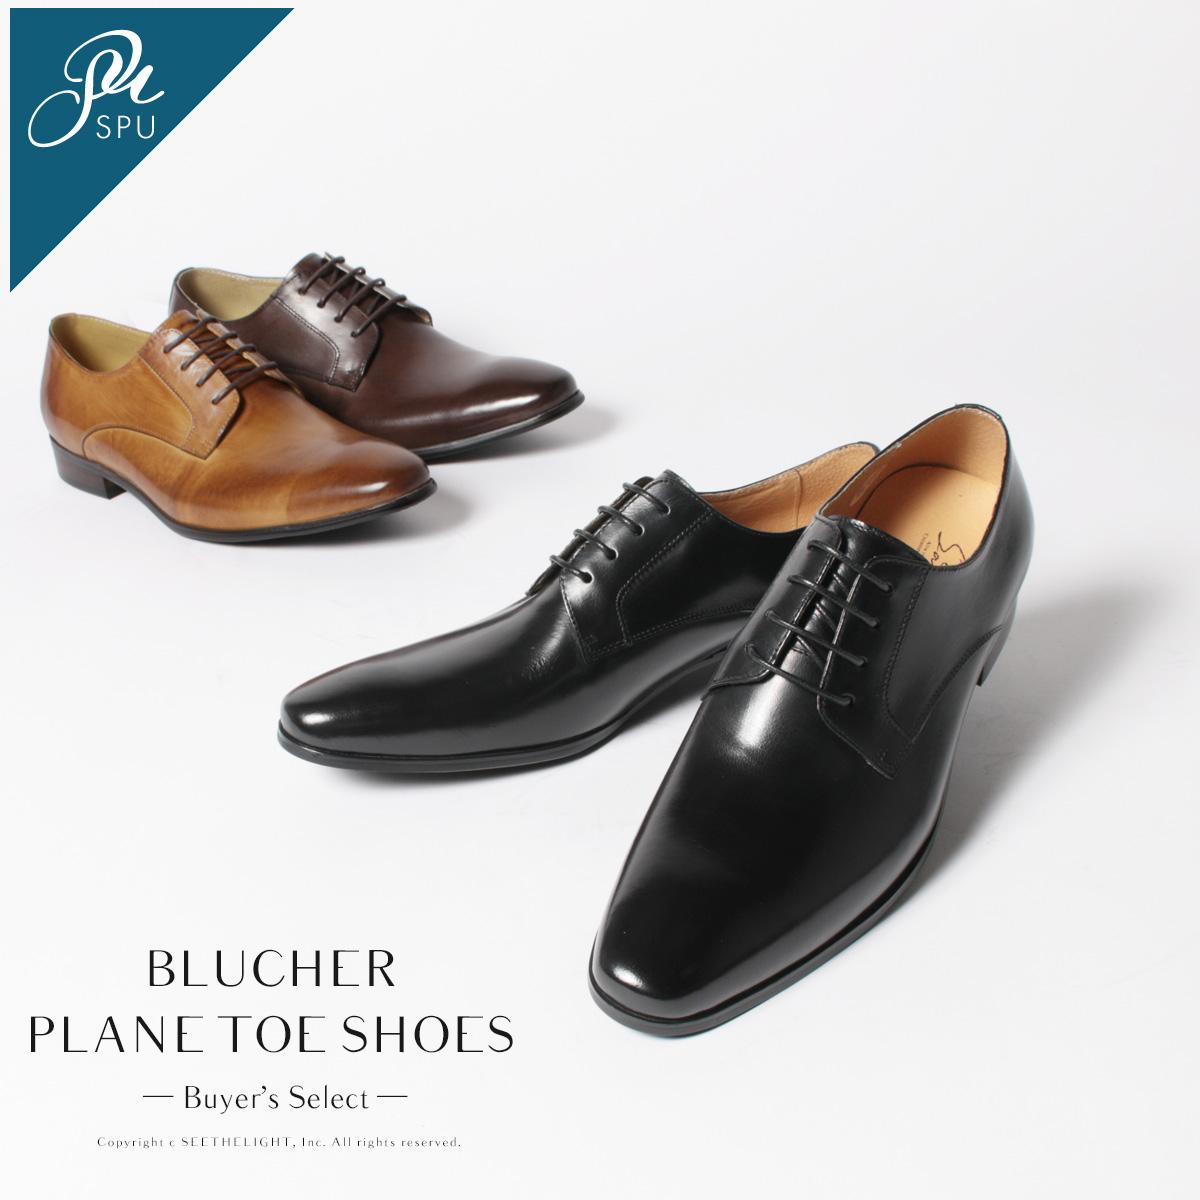 革靴 シューズ ビジネス メンズ 本革 ボロネーゼ製法 外羽根 プレートトゥ タイプ ビジネスシューズ Buyer's Select バイヤーズセレクト